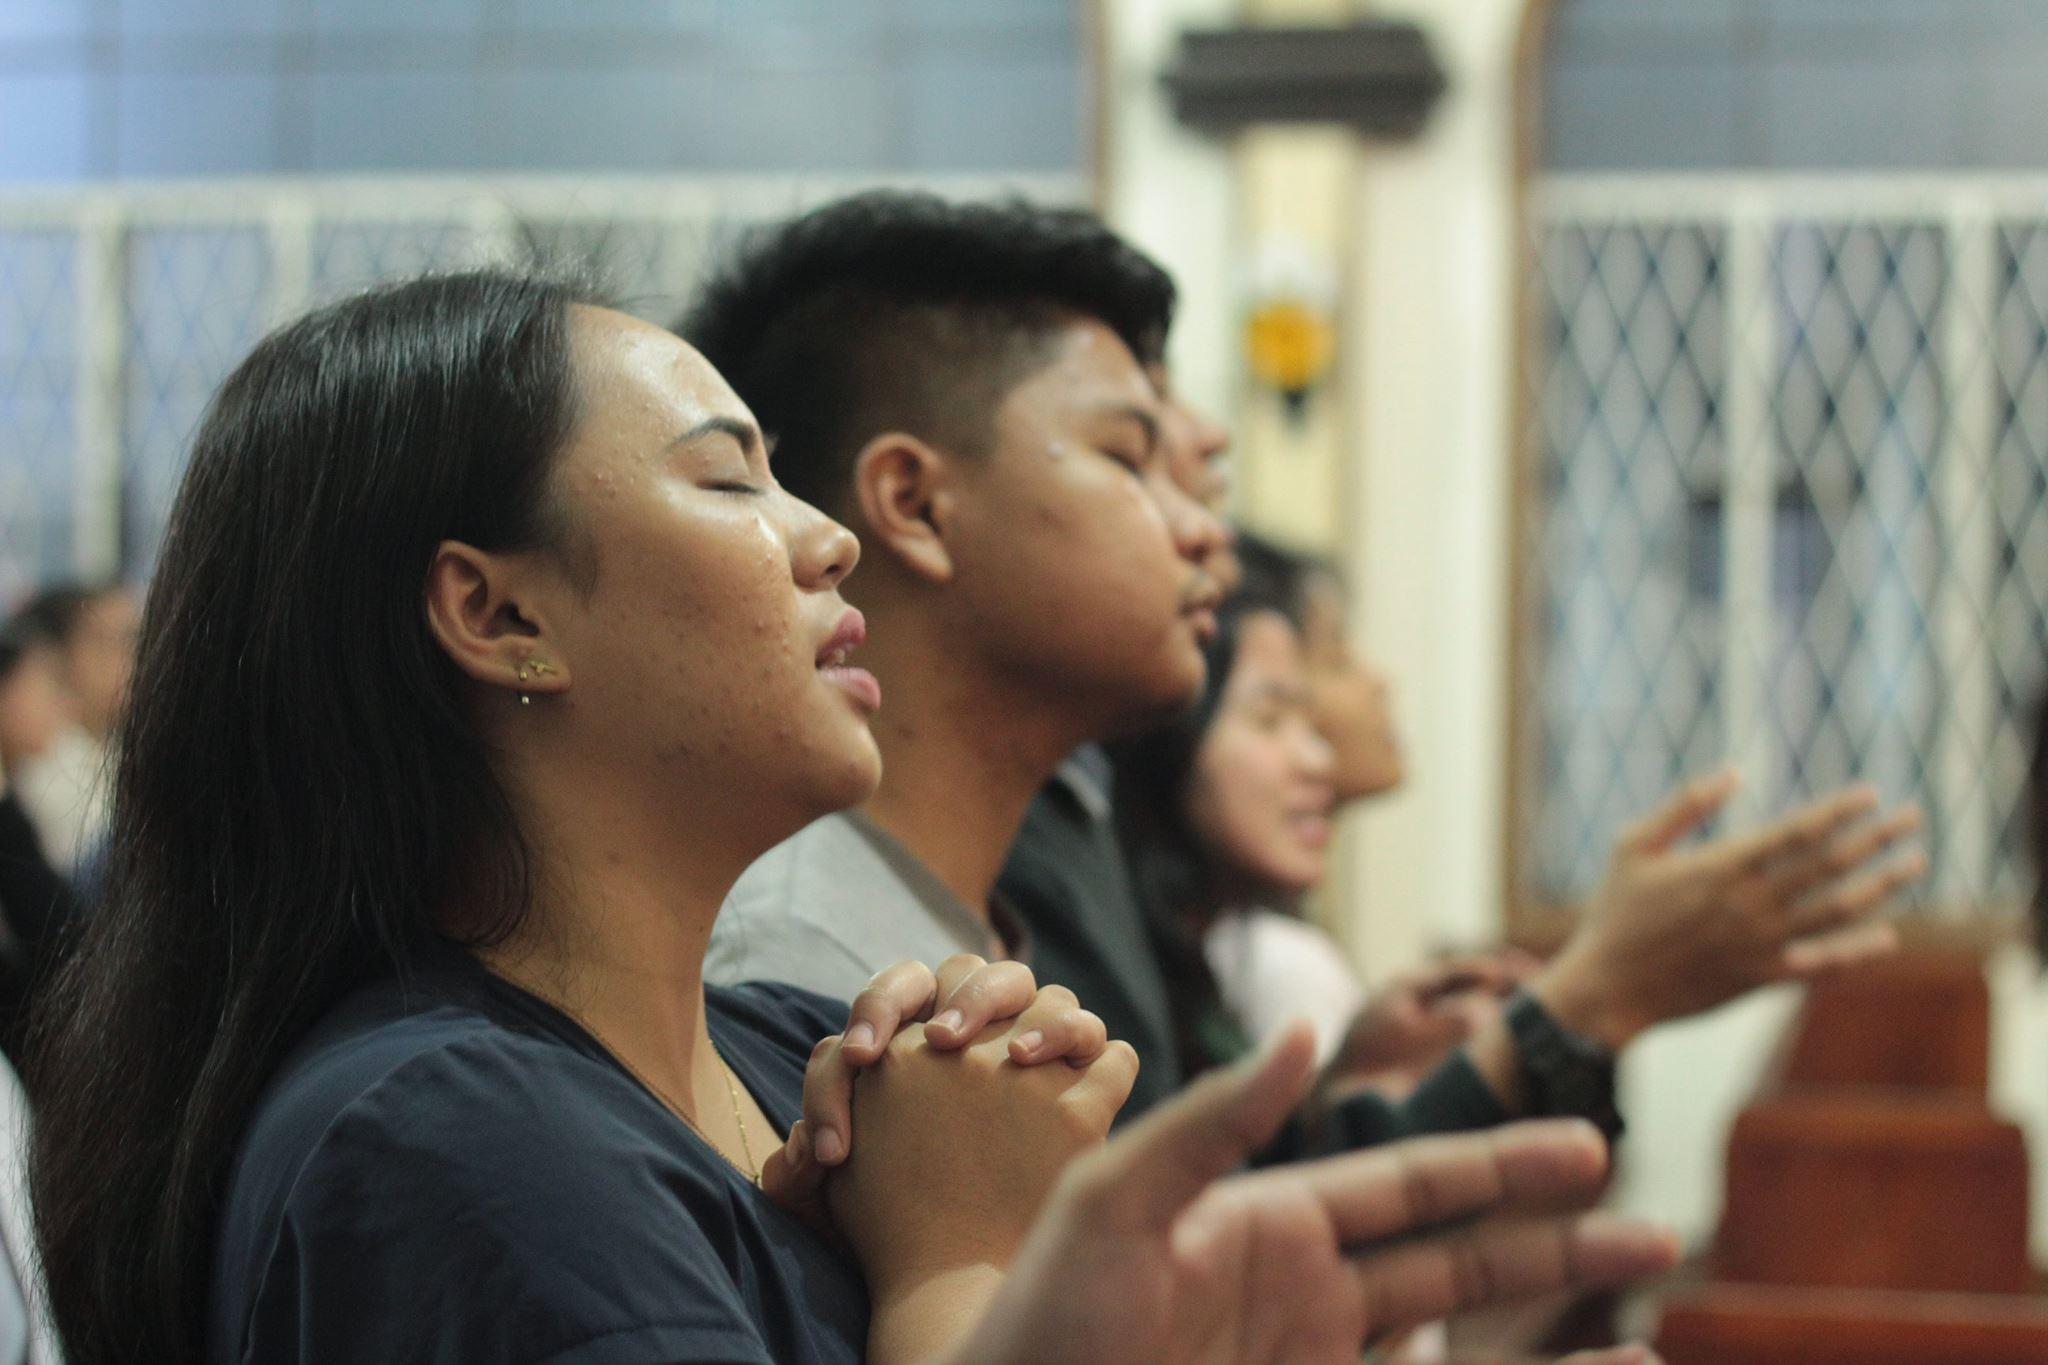 Os jovens adoram na Primeira Igreja Metodista Unida em Baguio City, Filipinas. A igreja tem um culto de adoração nas tardes de domingo que atende aos jovens e aos jovens de coração, disse o Dr. Neil Peralta, presidente do comitê de adoração. Foto gentilmente cedida pelo Comitê de Comunicação da Primeira Igreja Metodista Unida de Baguio City.